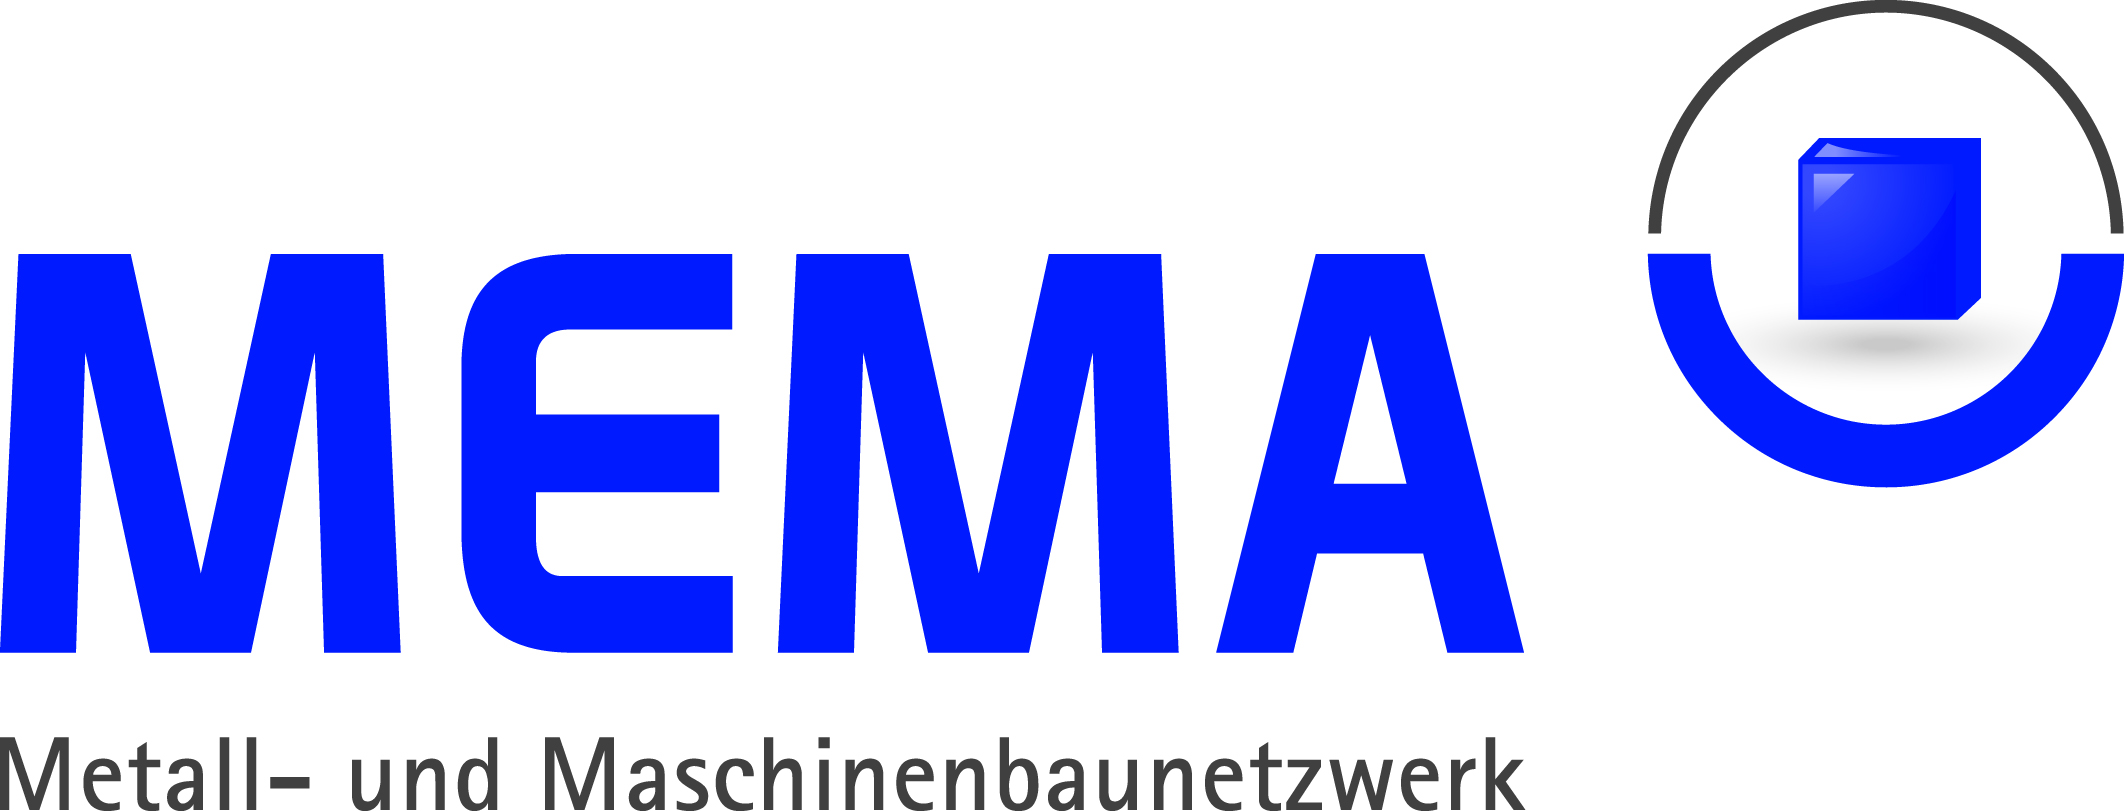 messedaten_messe_204_weblogos_metall-_und_maschinenbaunetzwerk_der_emsland_gmbh.jpg